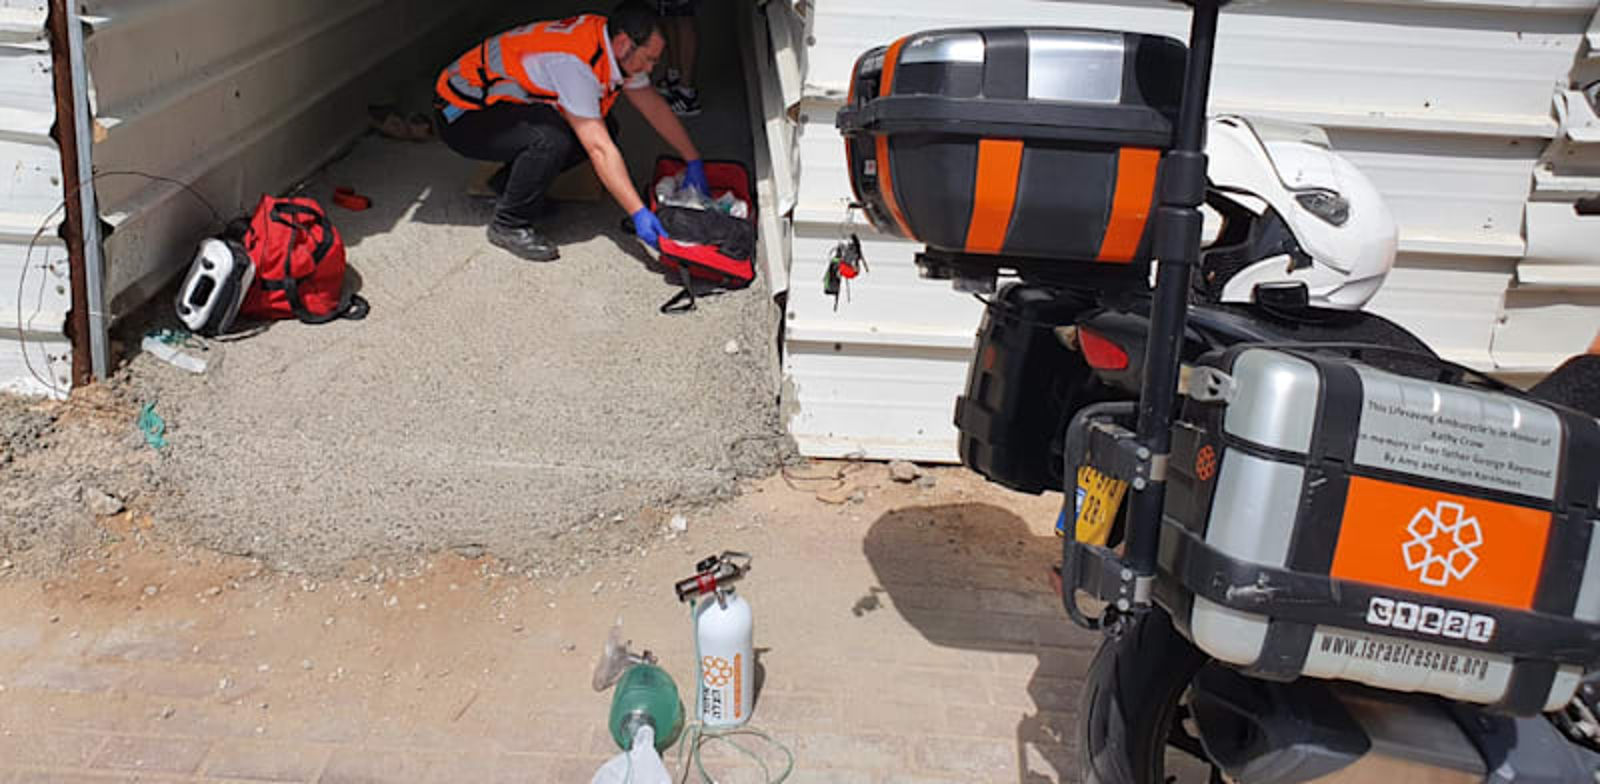 התאונה באשדוד / צילום: איחוד הצלה